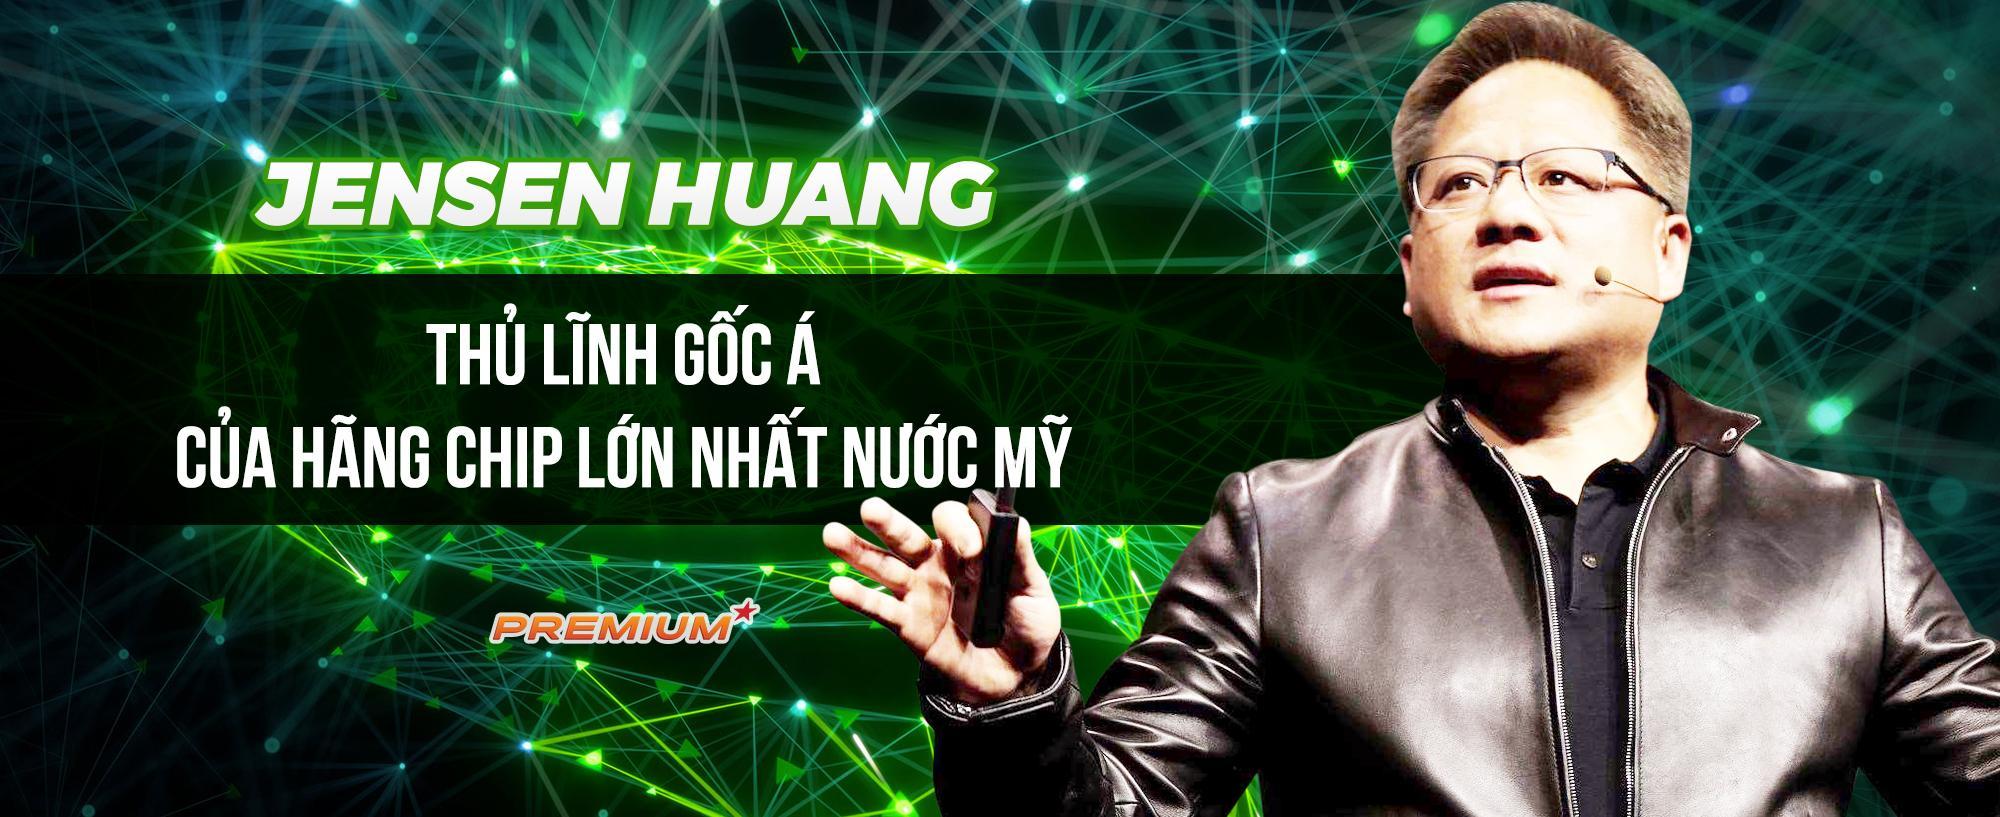 Jensen Huang: Thủ lĩnh gốc Á của hãng chip lớn nhất nước Mỹ